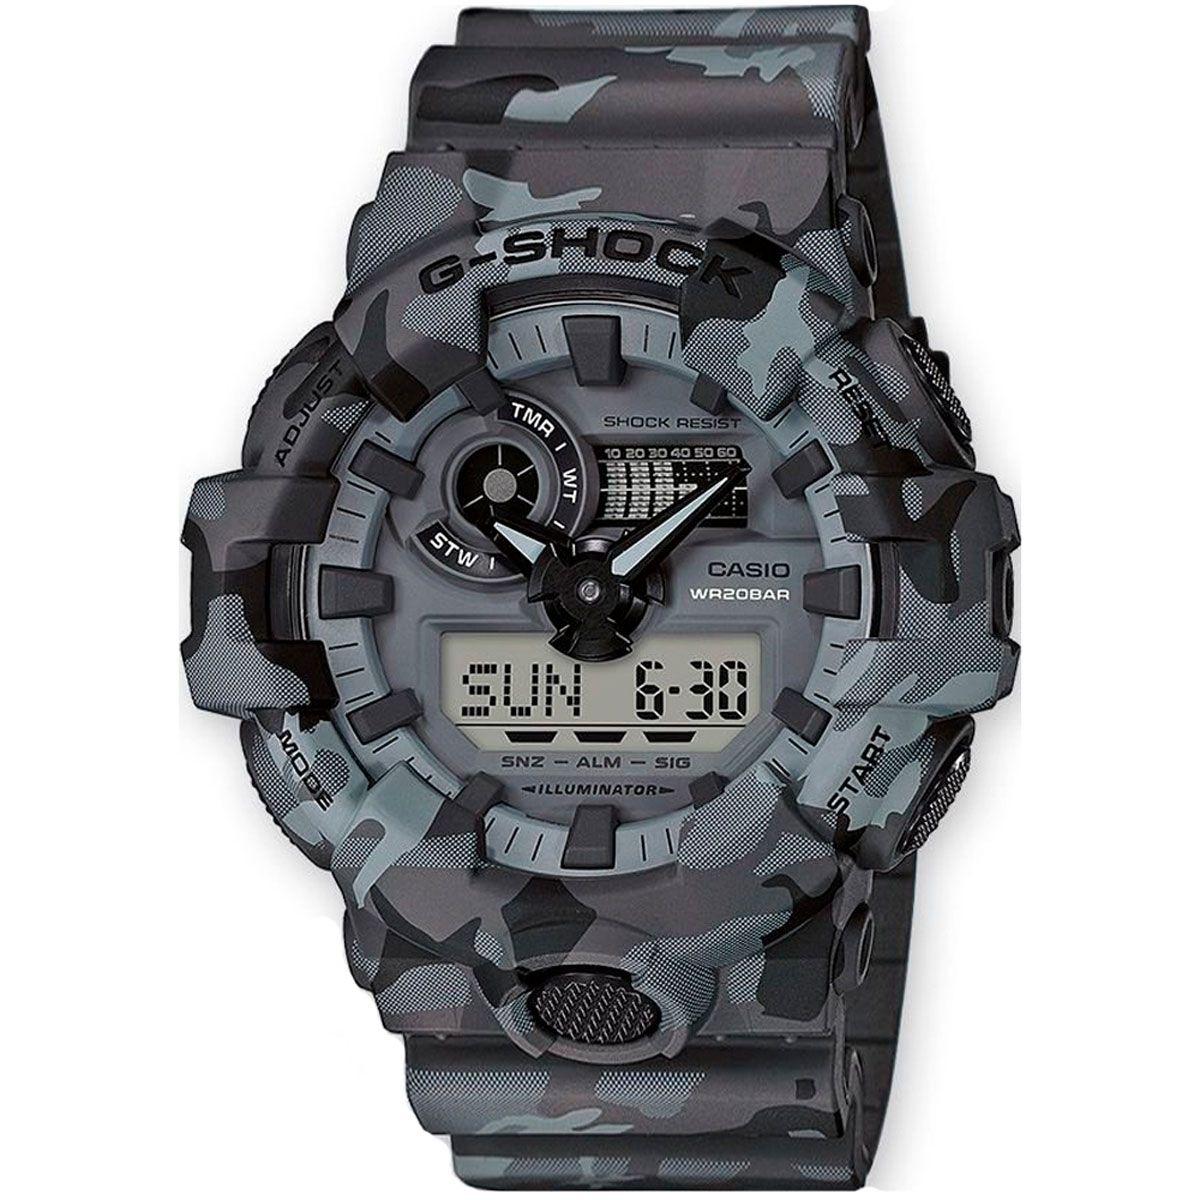 Relógio de Pulso Masculino Casio G-Shock GA-700CM-8ADR - Camuflado Cinza